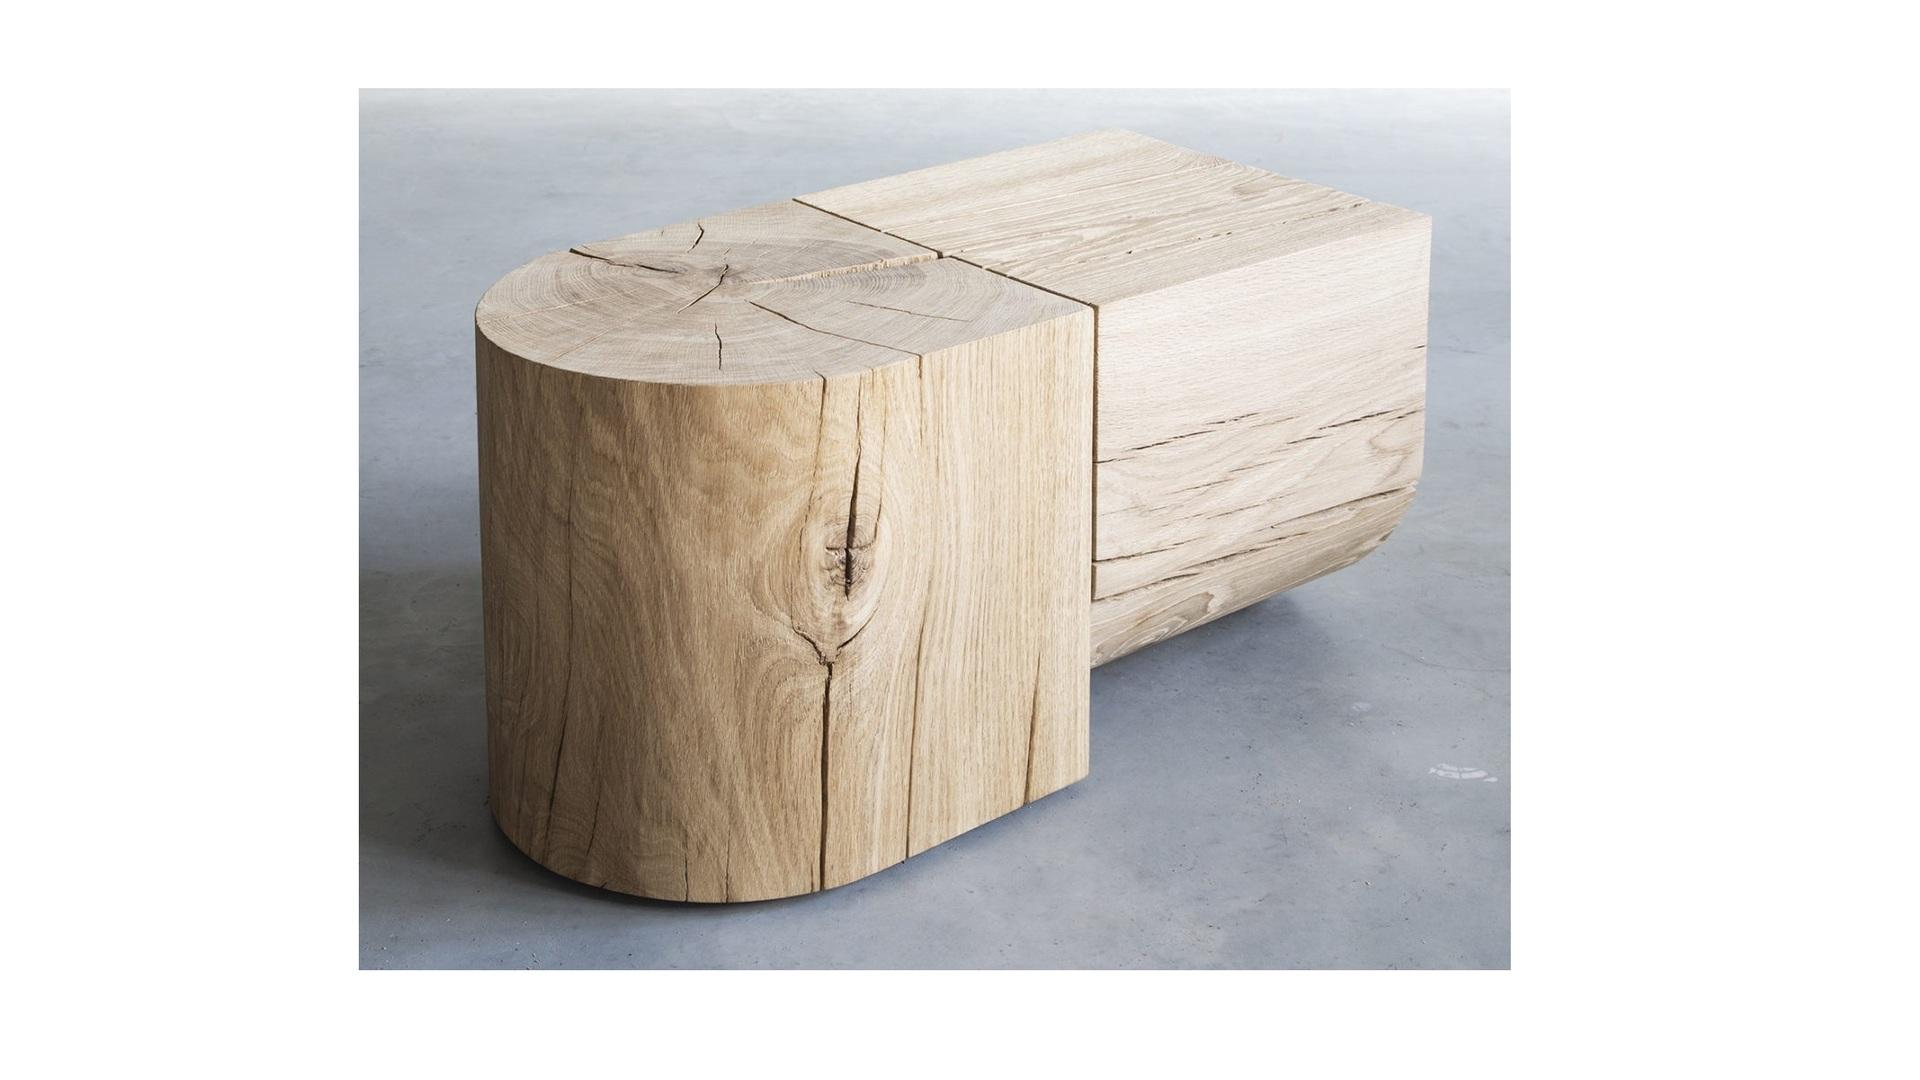 Adjacencies-side-table-03-1280x981 klein.jpg